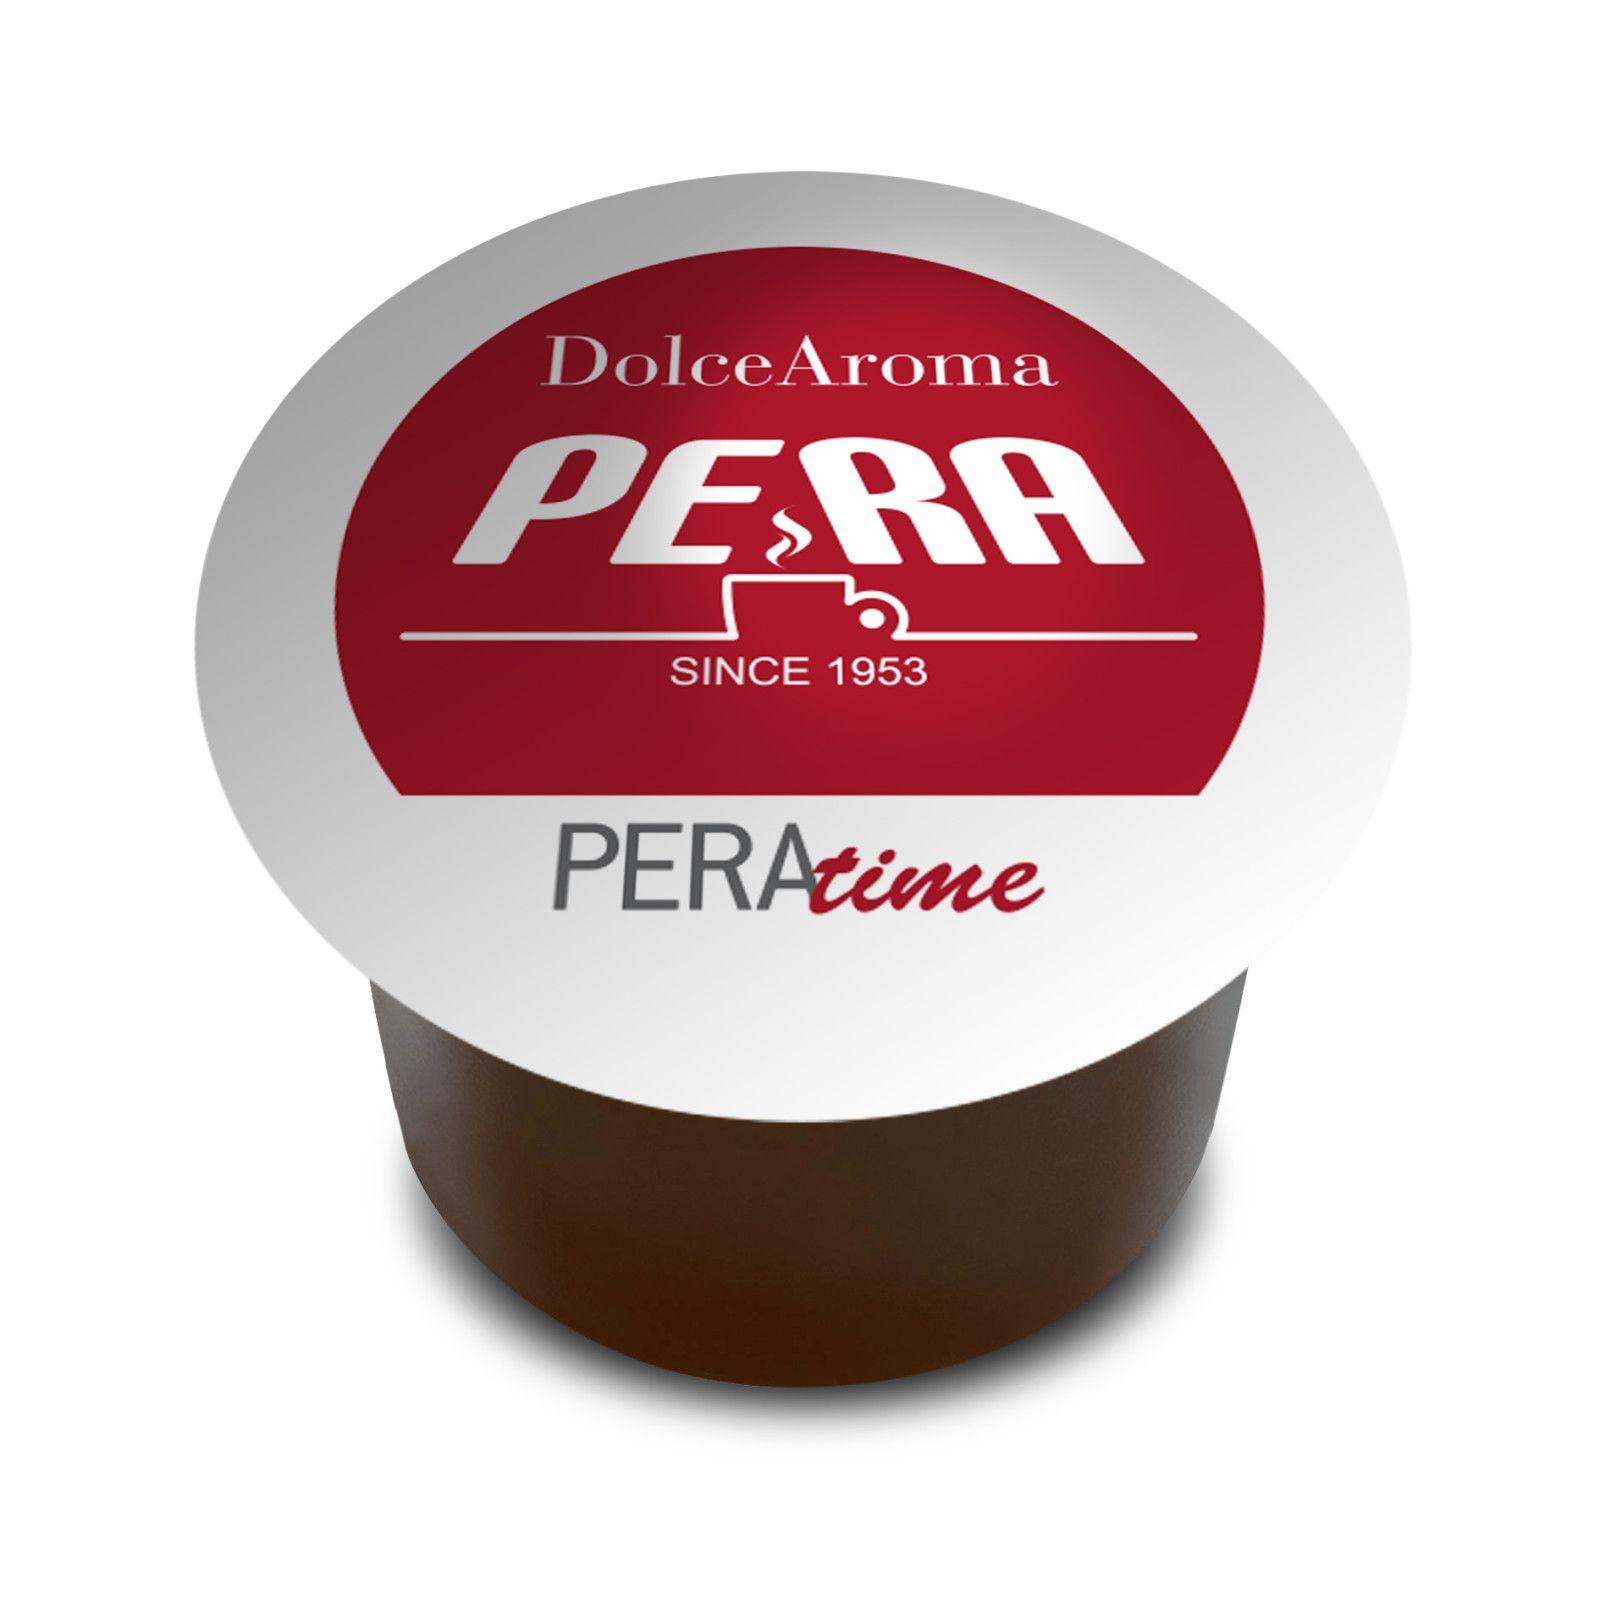 PeraTime_DolceAroma_capsula